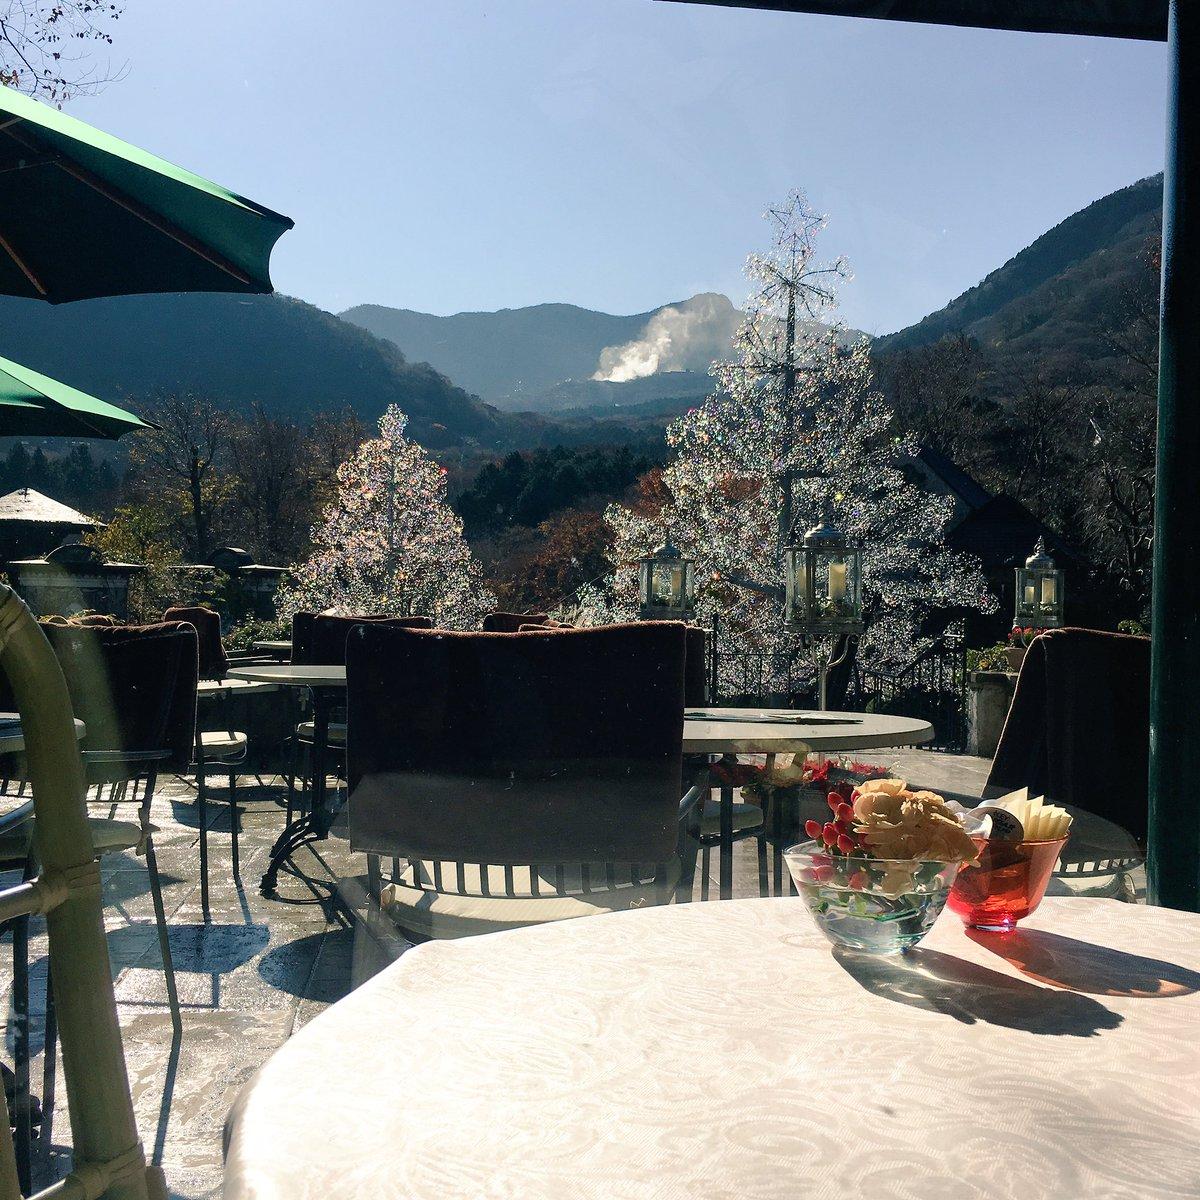 今日はいい夫婦の日、天気も最高に良いですね♪イタリア語で「カップル・夫婦」を意味するクリスタルガラスのツリー「ラ・コッピア」は、今日もお客様が来るのをお待ち